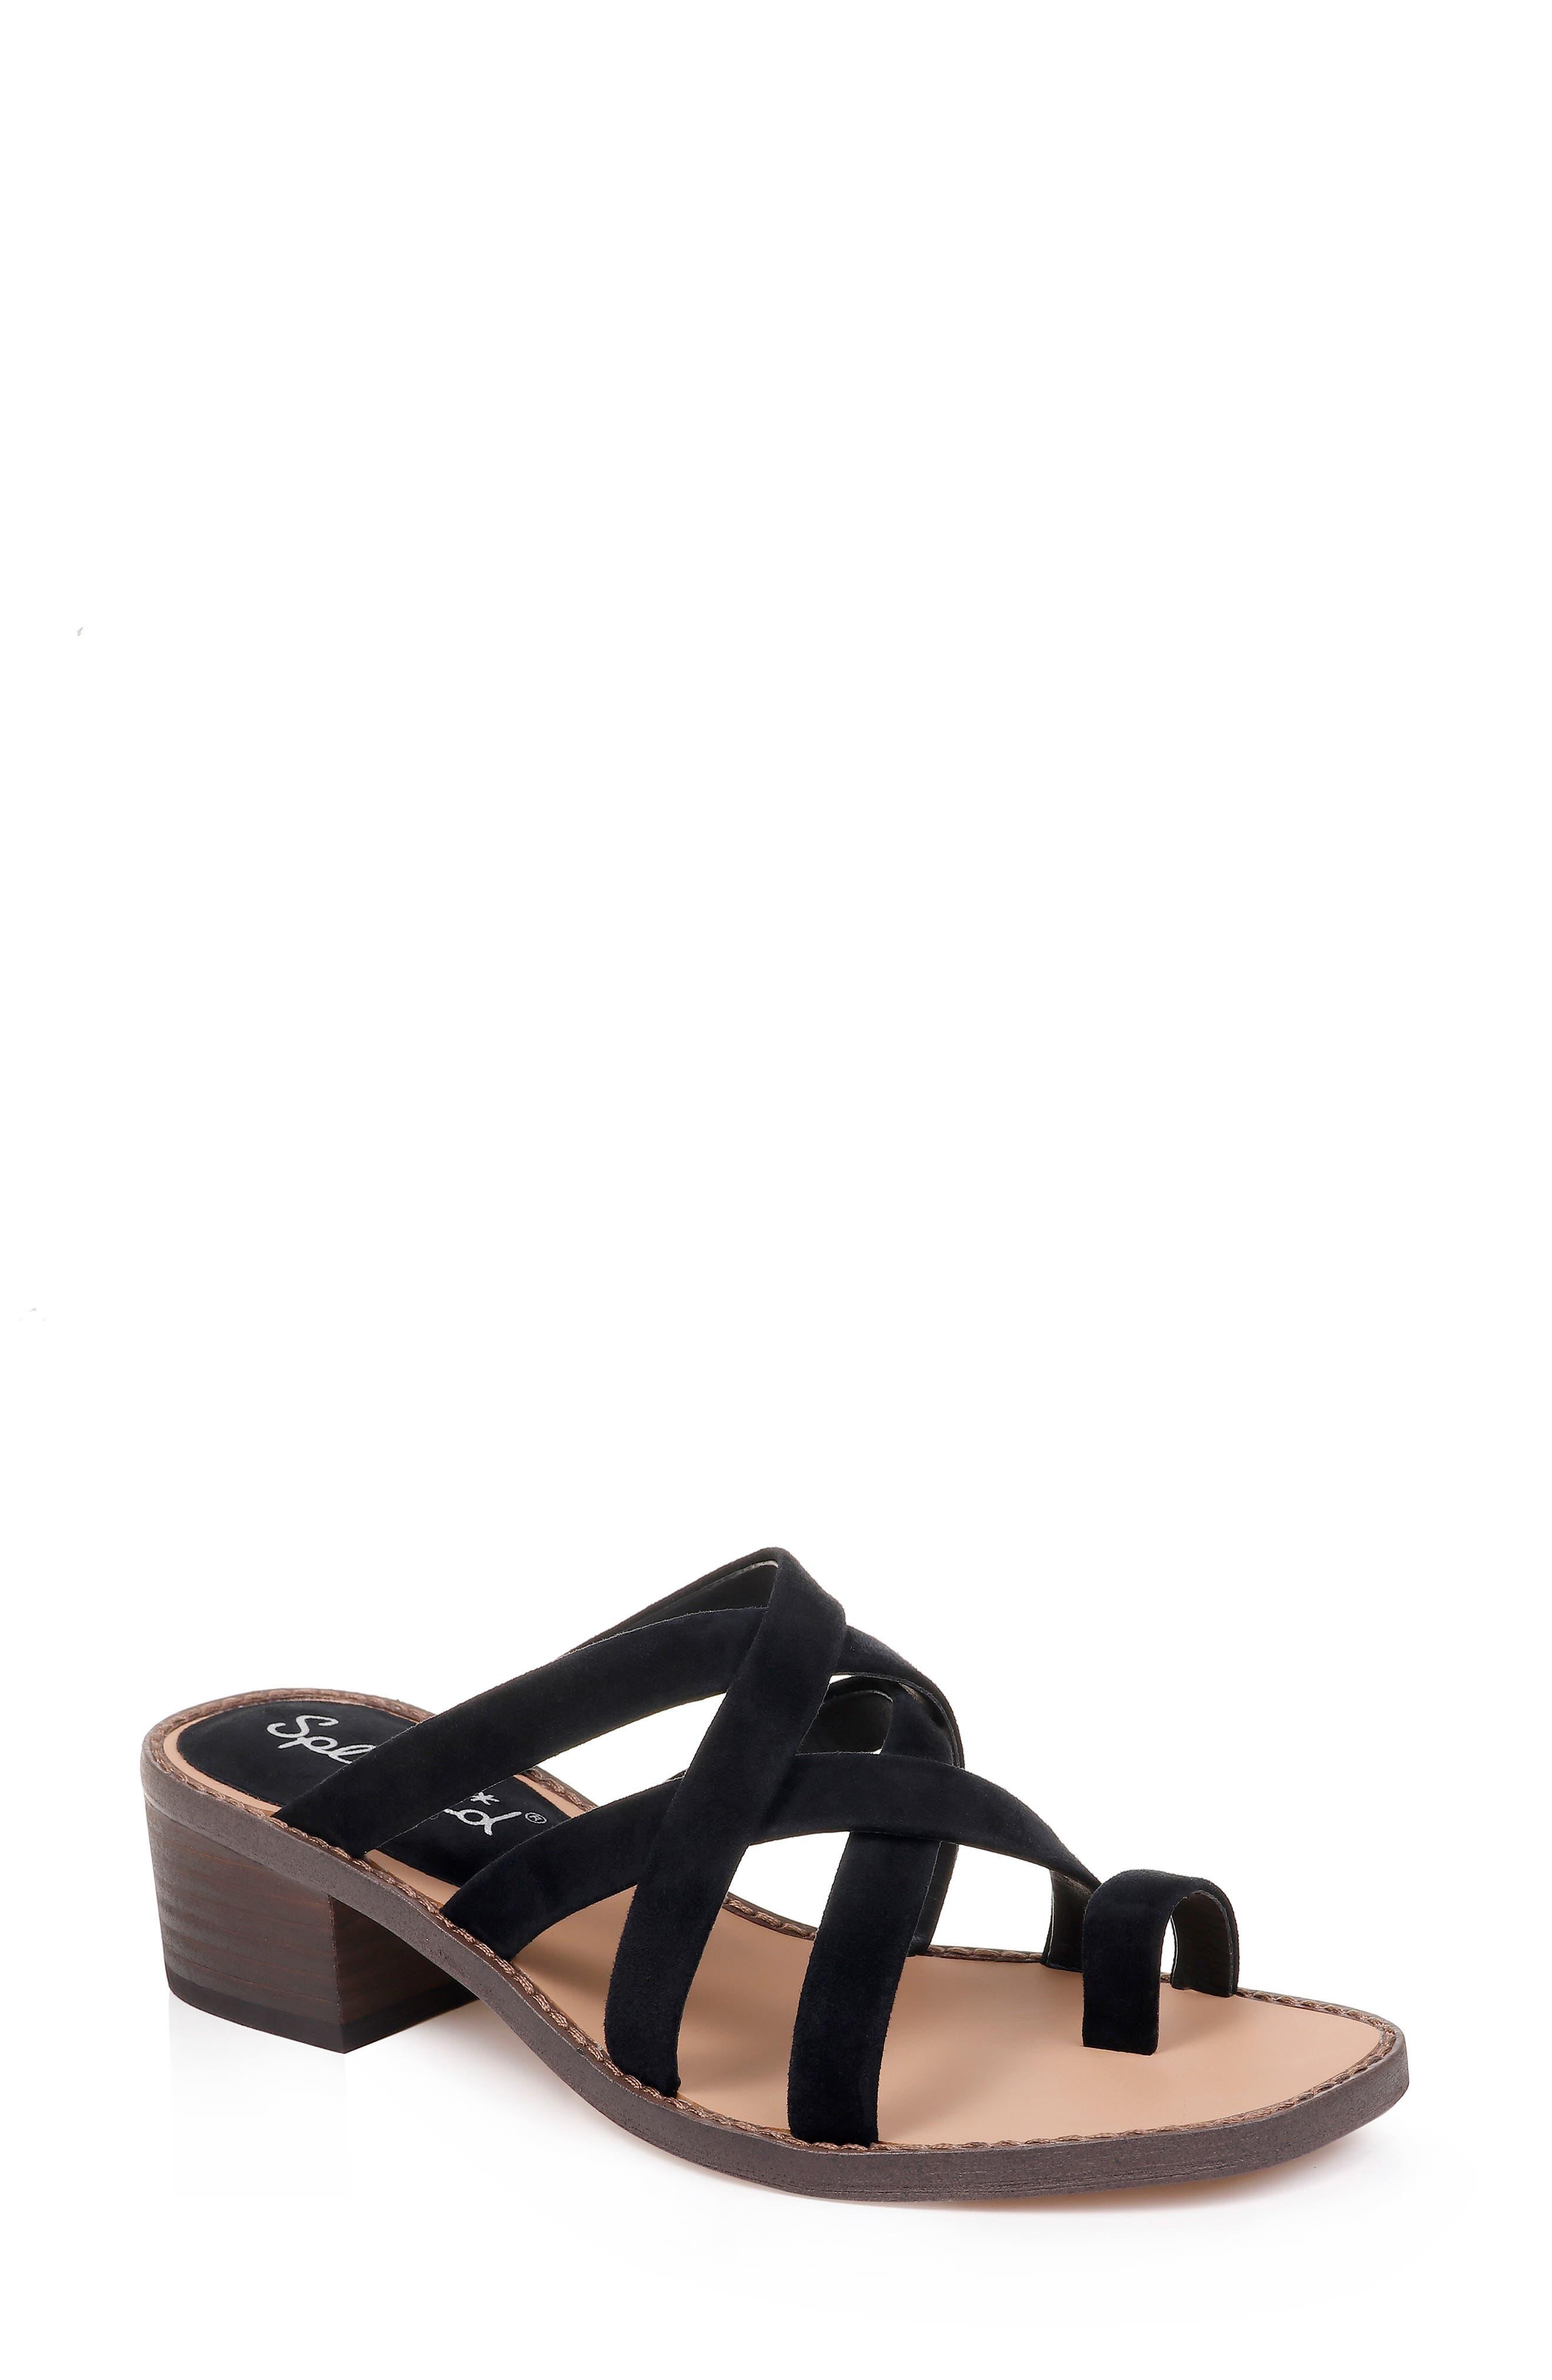 SPLENDID Stevie Slide Sandal, Main, color, BLACK SUEDE